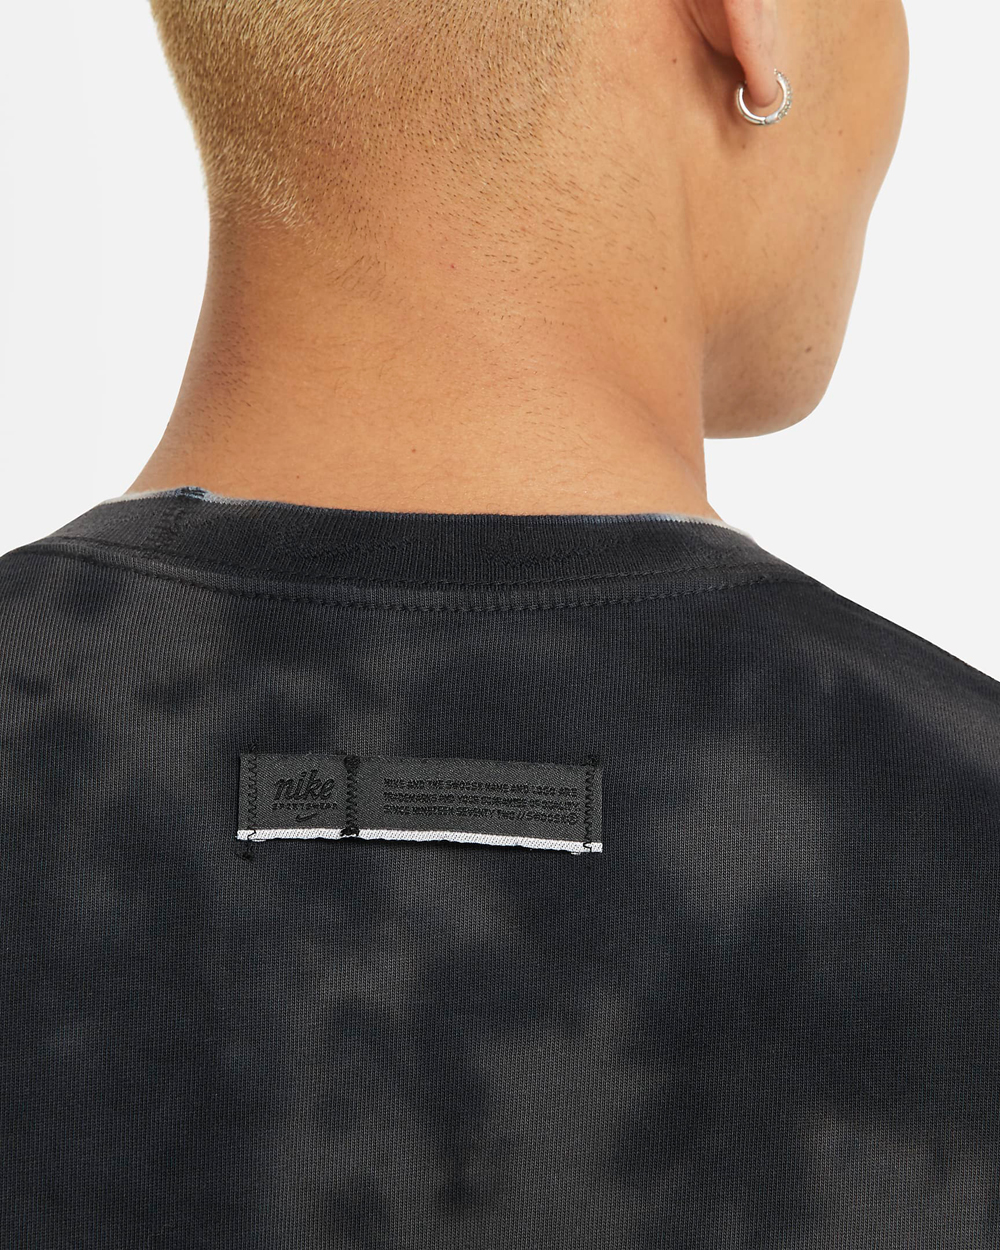 nike-club-tie-dye-tee-shirt-black-3